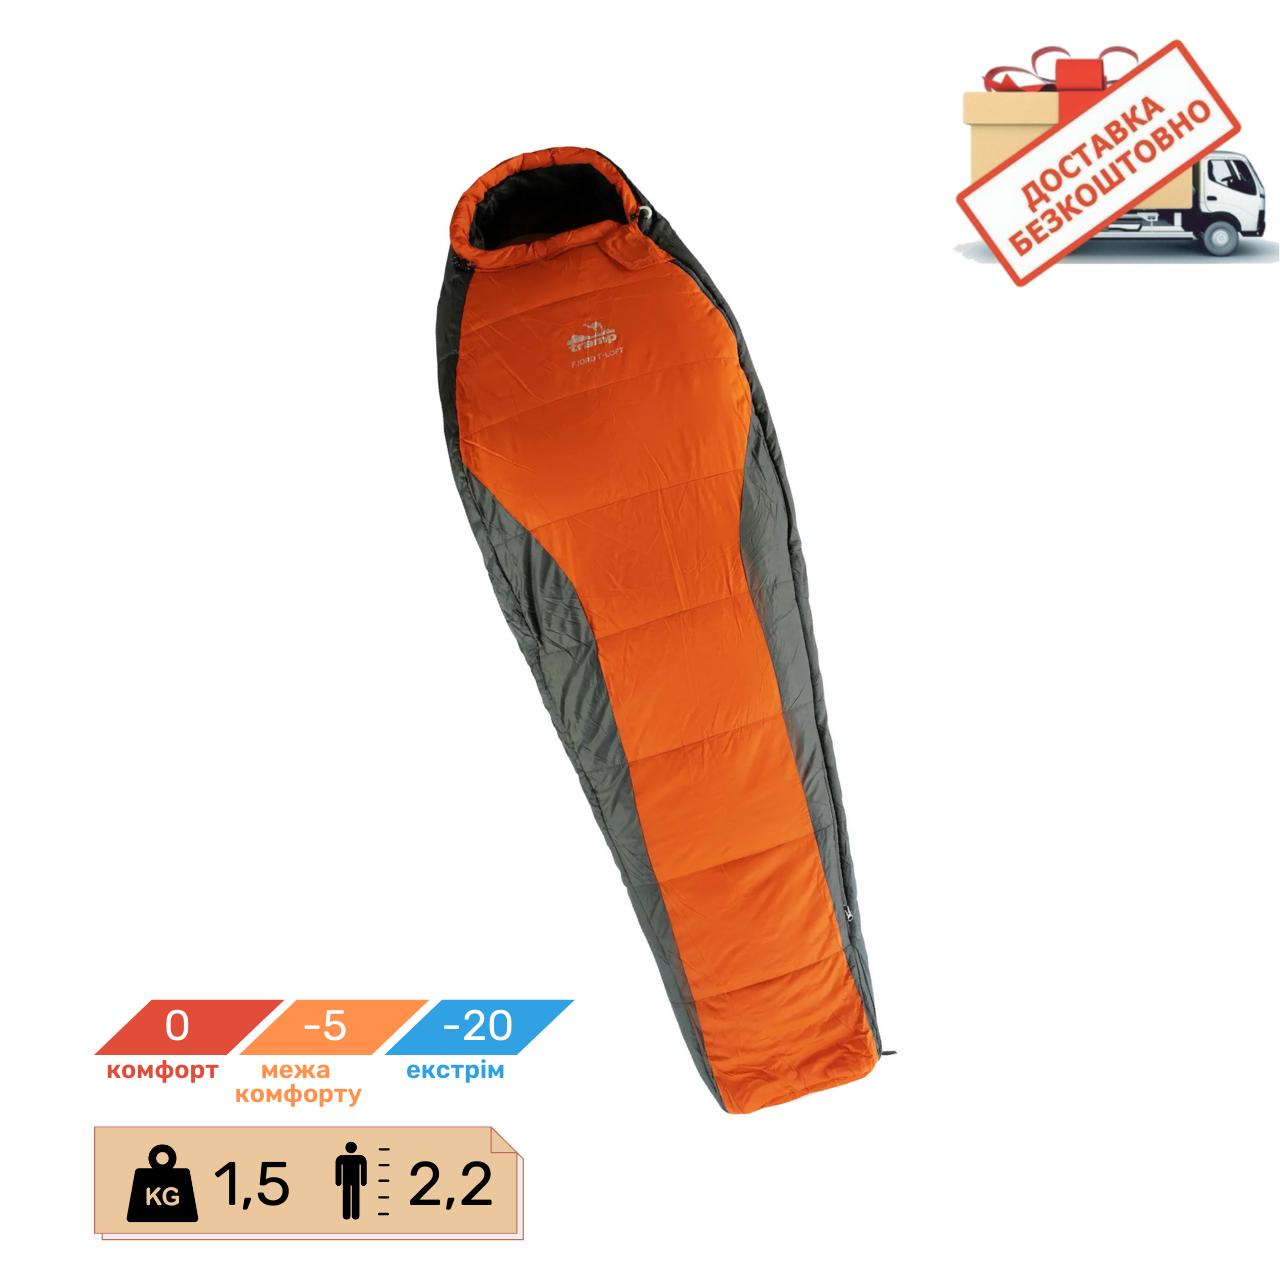 Спальный мешок кокон Tramp Fjord Regular (0 / -5 / -20). Спальник зимний туристический для рыбалки и кемпинга